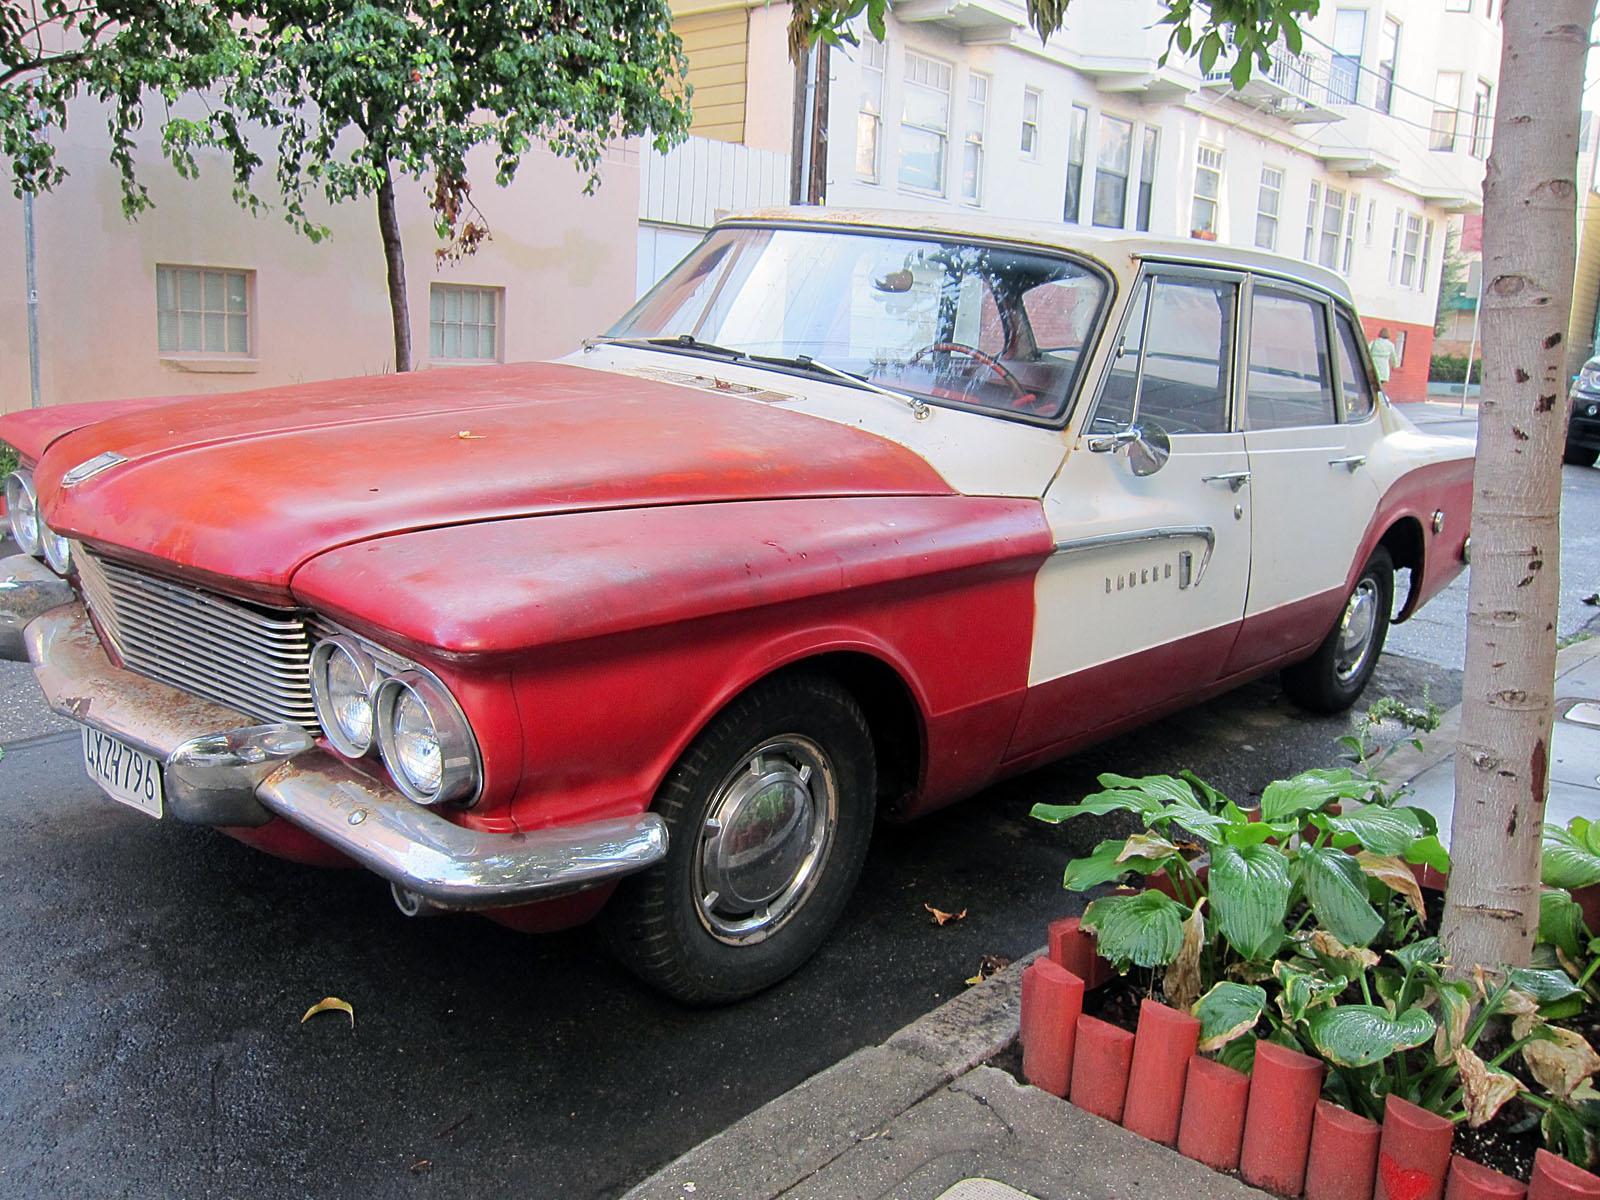 Hey, Is That Fred Flintstone's Car?